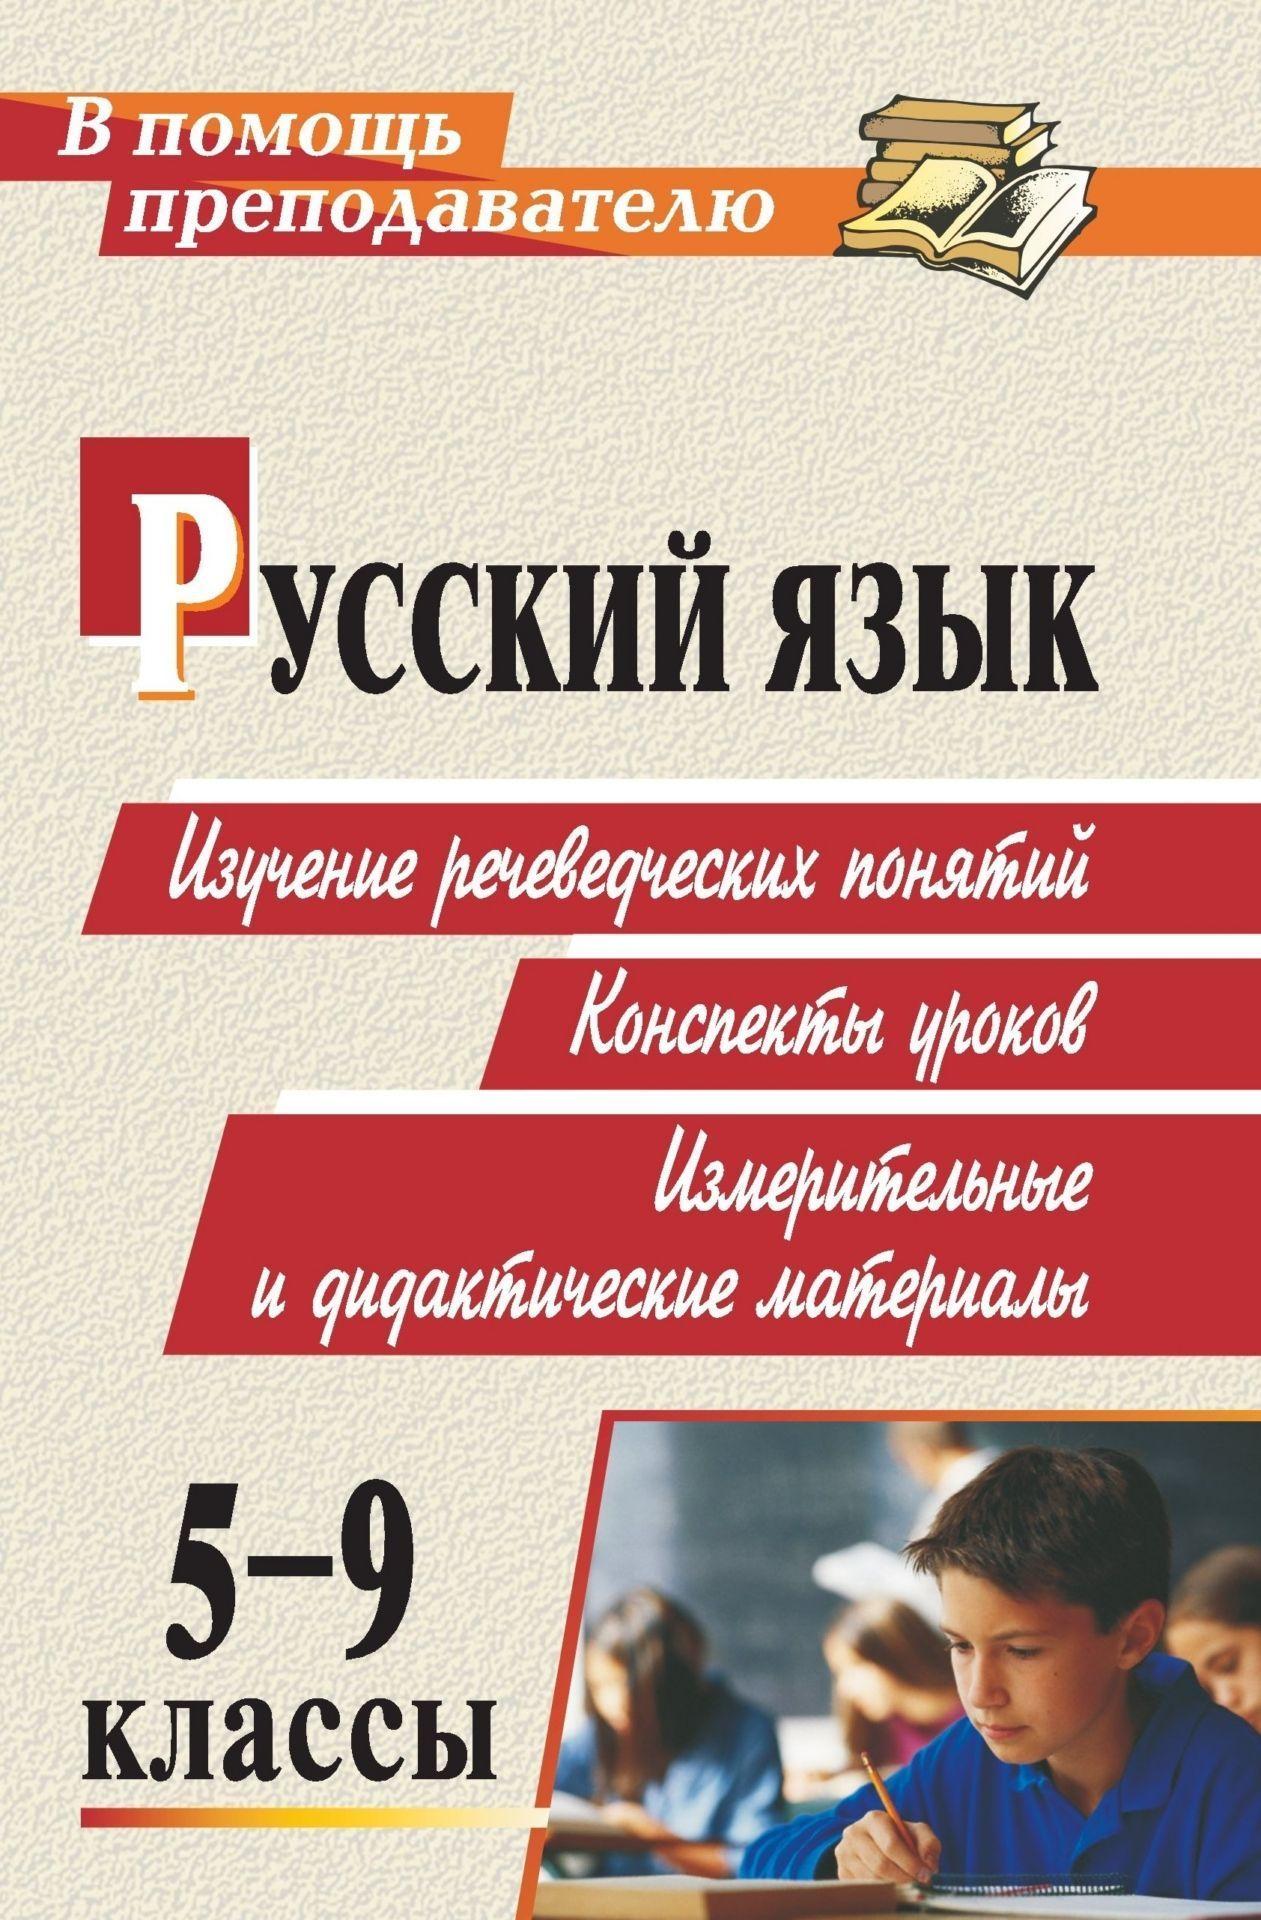 Русский язык. 5-9 классы. Изучение речеведческих понятий: конспекты уроков, измерительные и дидактические материалы